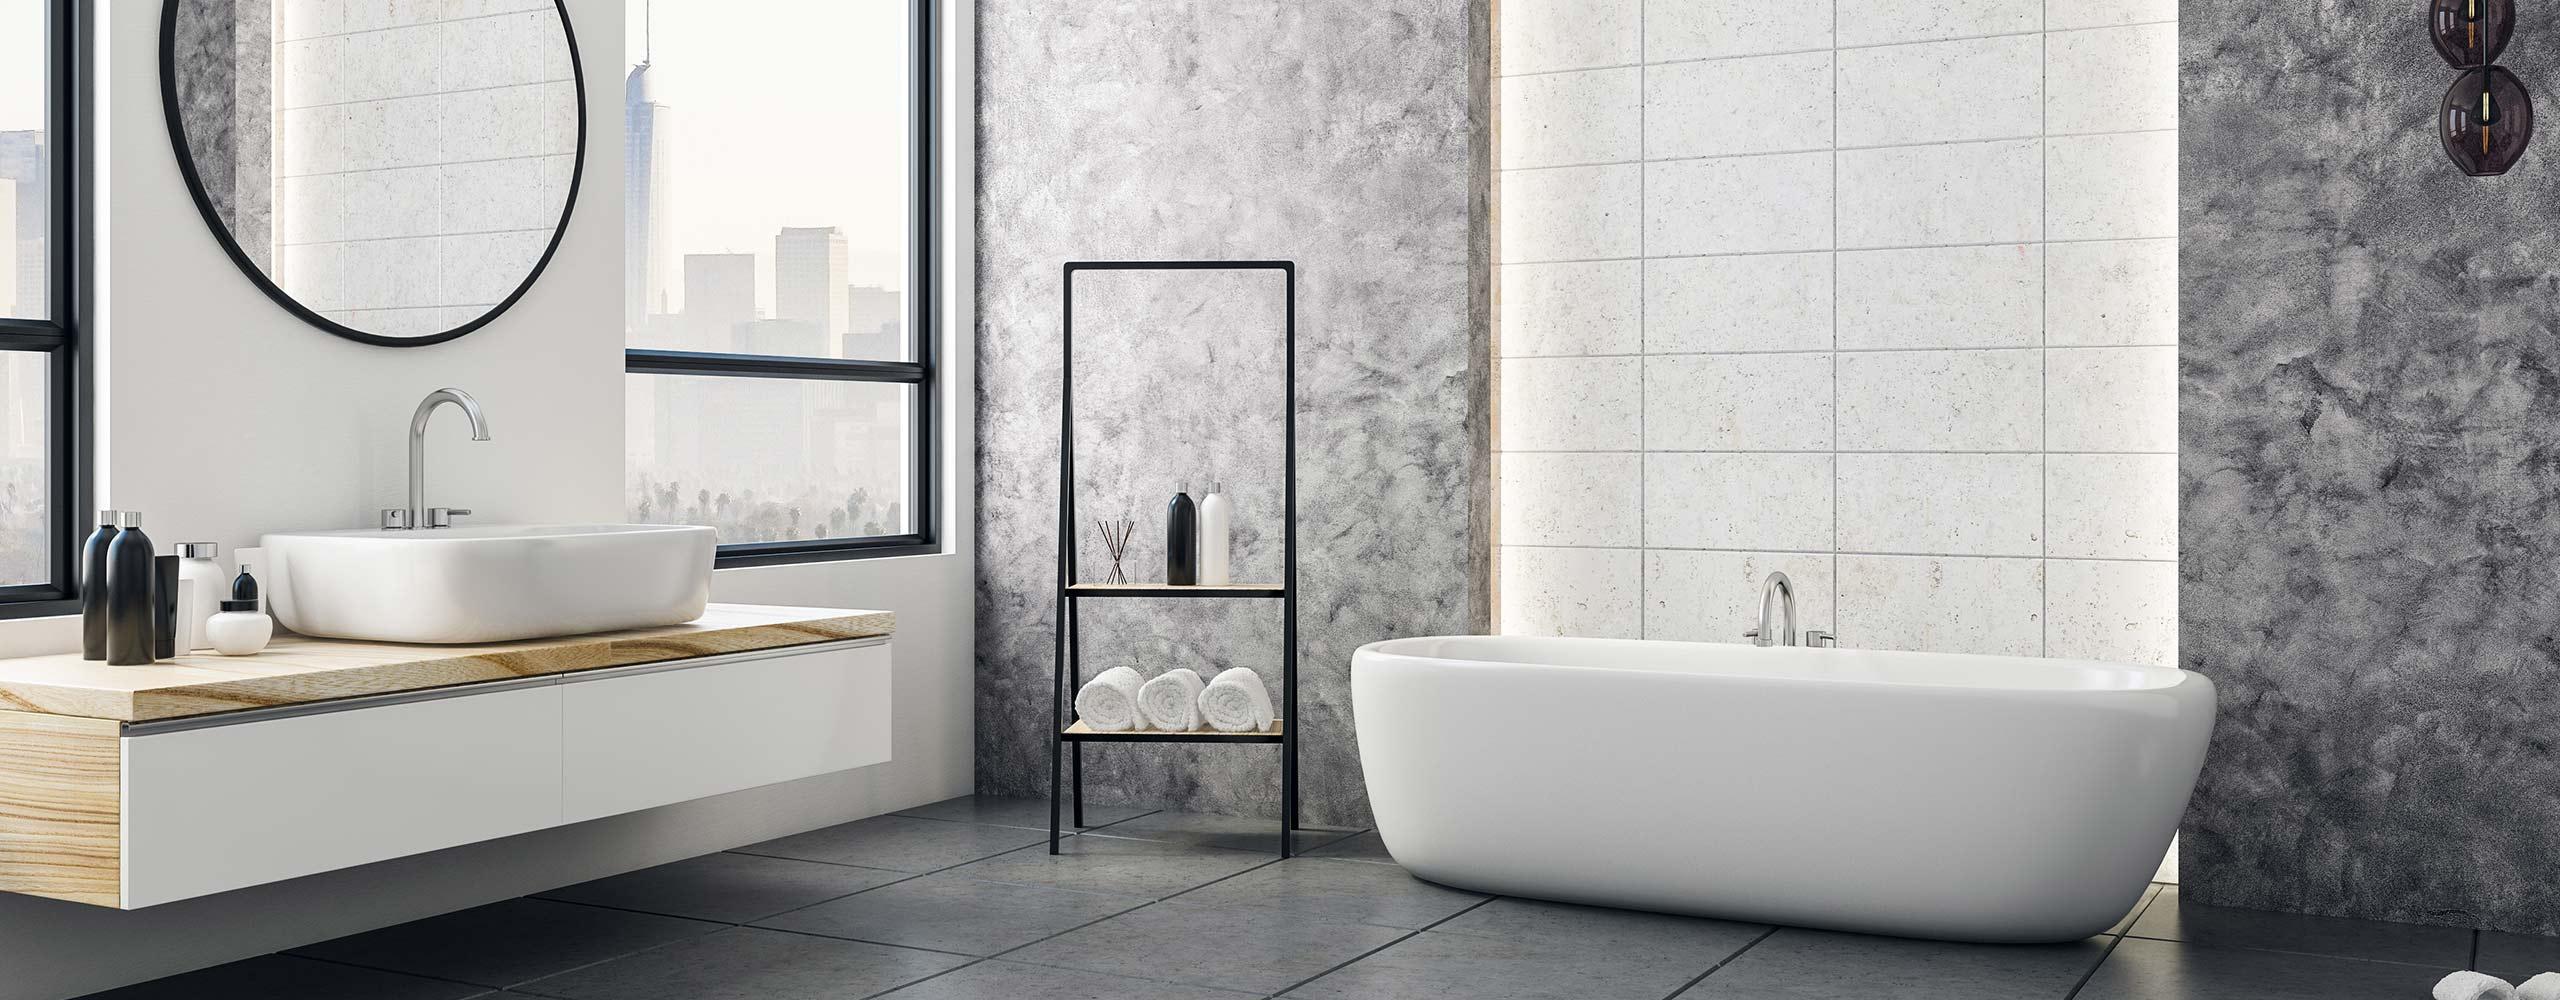 Mooihuis 2019 » badkamer installatie haarlem | Mooihuis